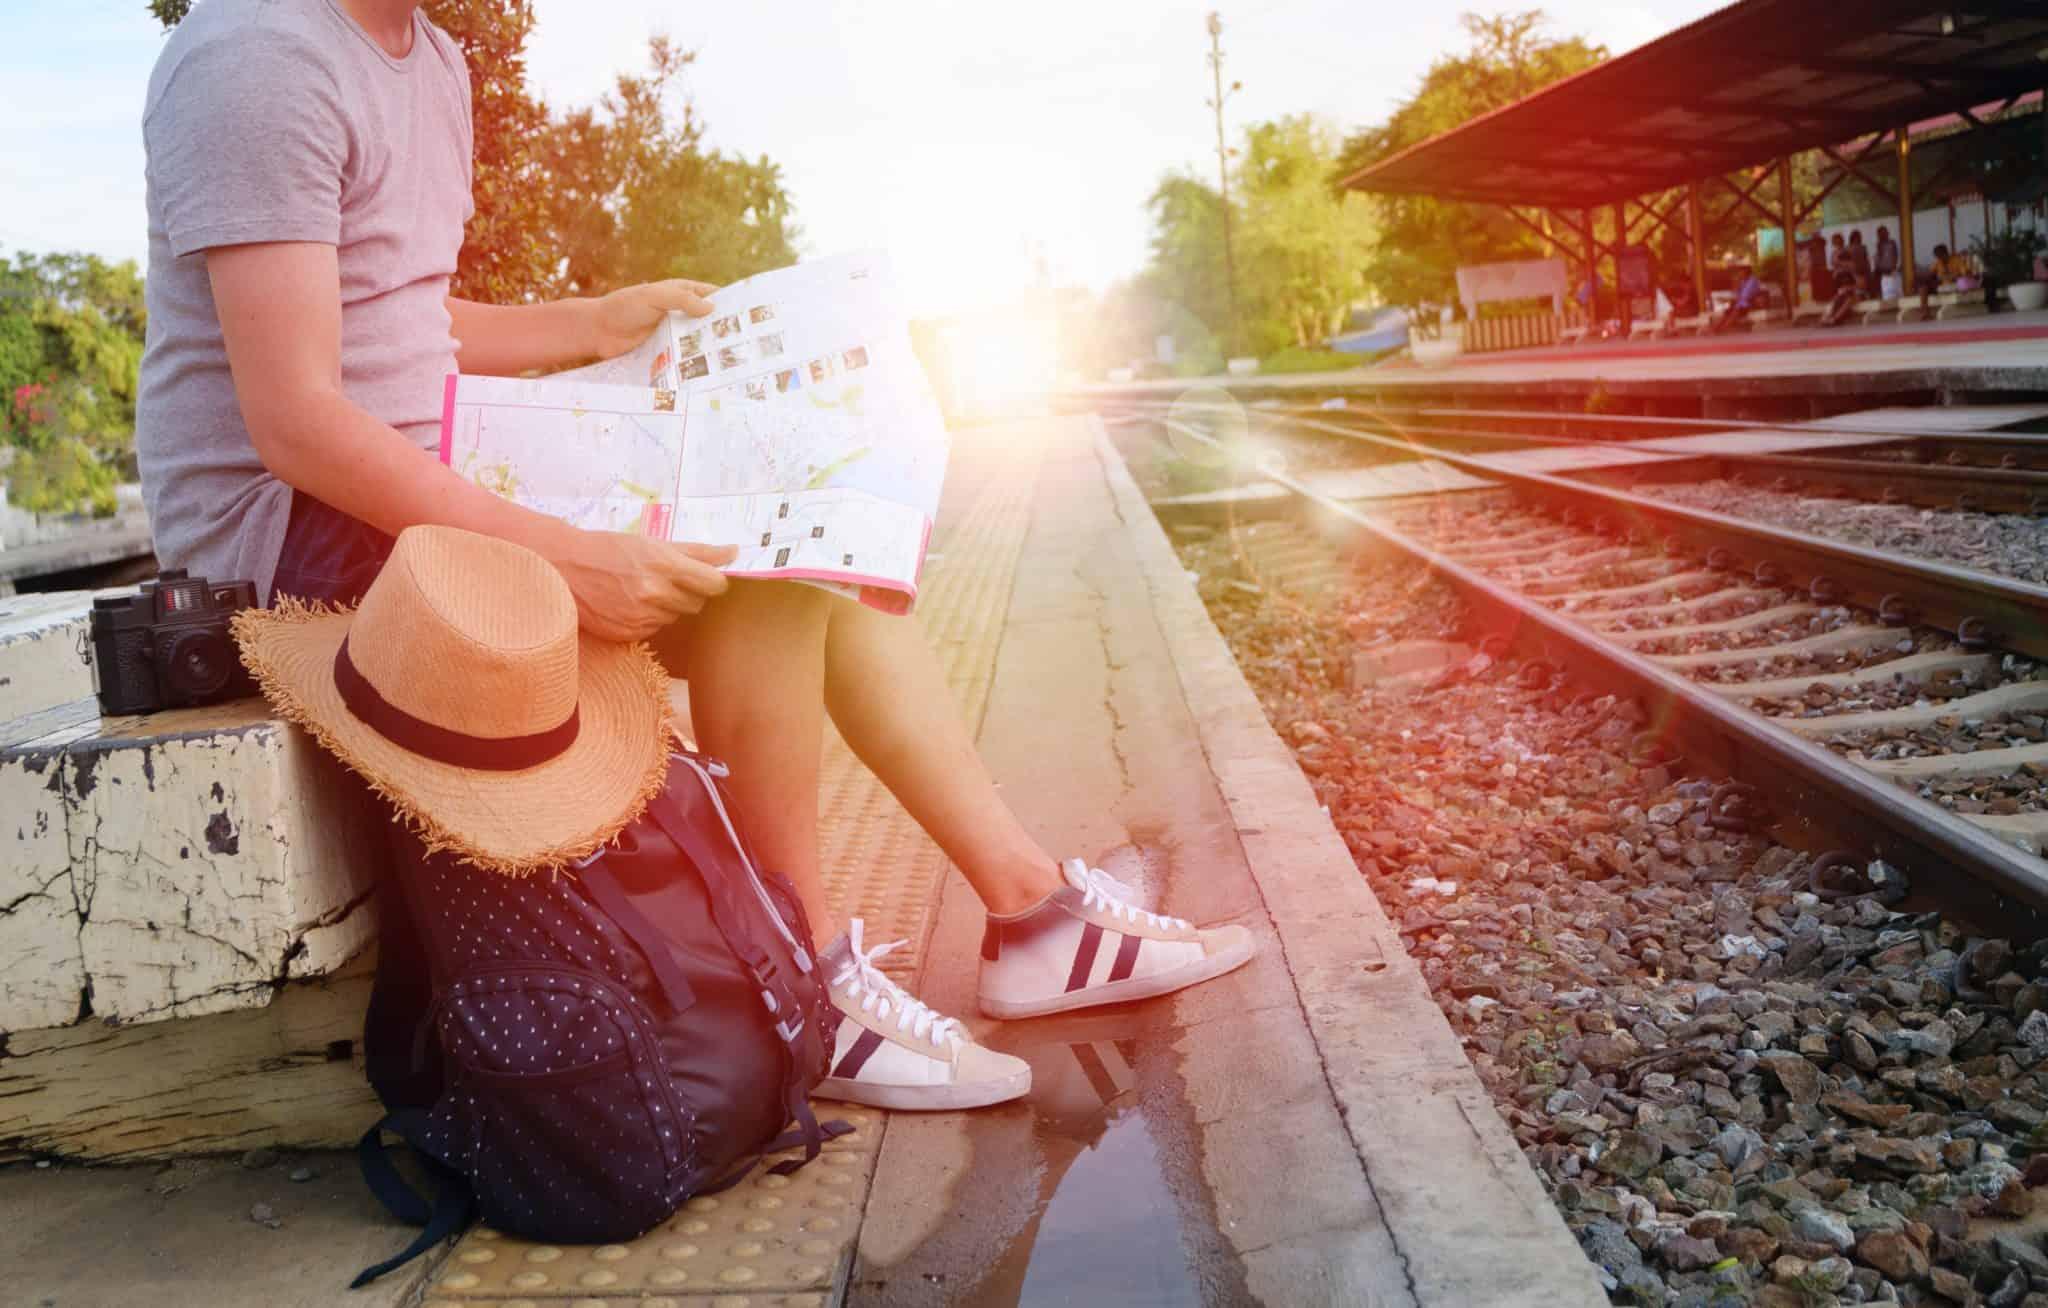 「『旅をしながら仕事する』に憧れない方がいいですよ」。ノマド生活のリアルとたった一つの大きな意義とは。 – 東フリ座談会vol.2